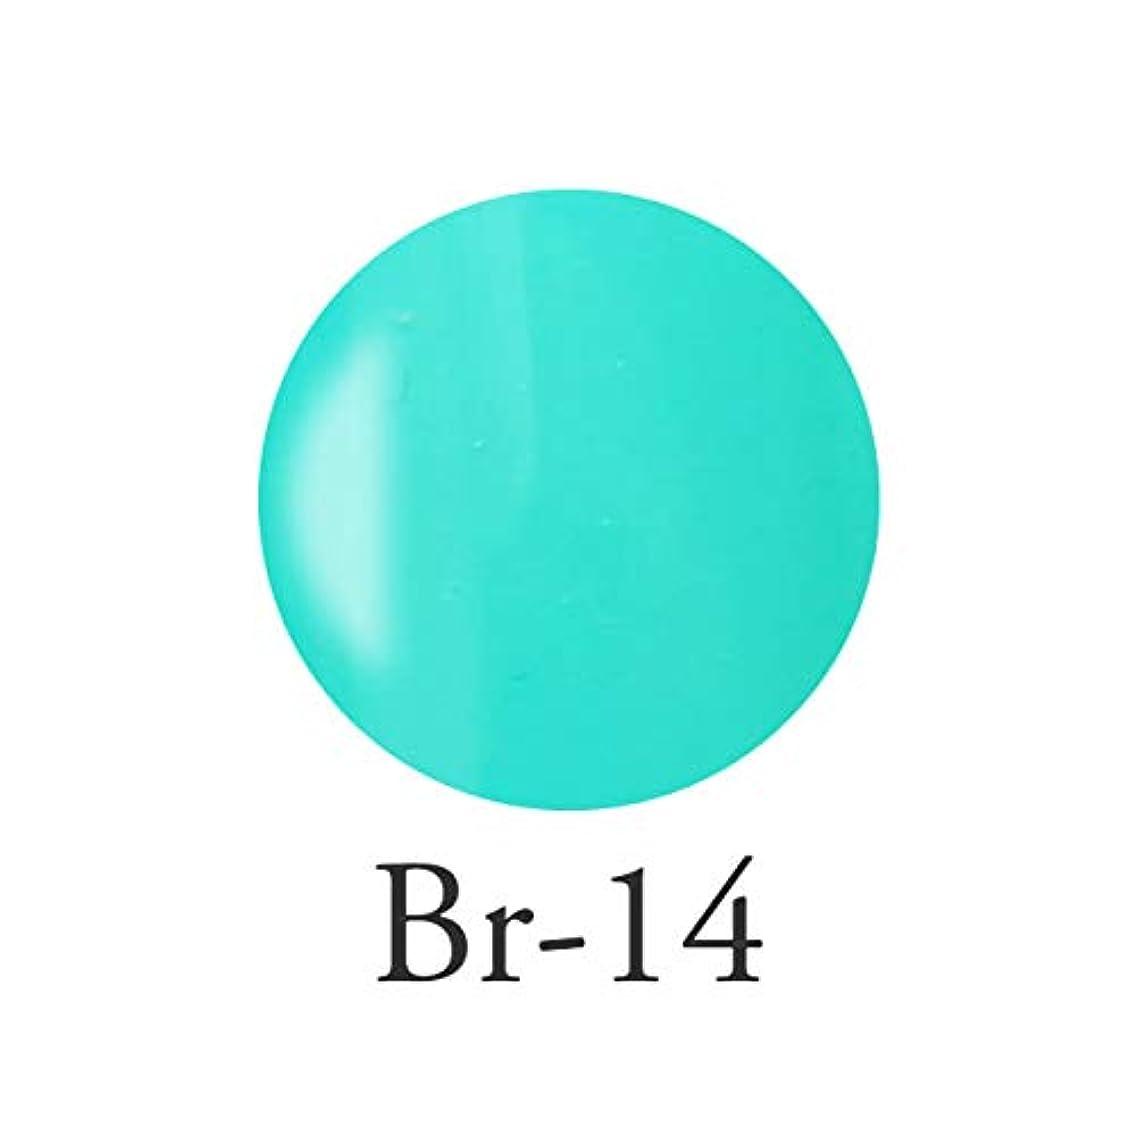 礼儀装備する血色の良いエンジェル クィーンカラージェル フェリシテブルー Br-14 3g